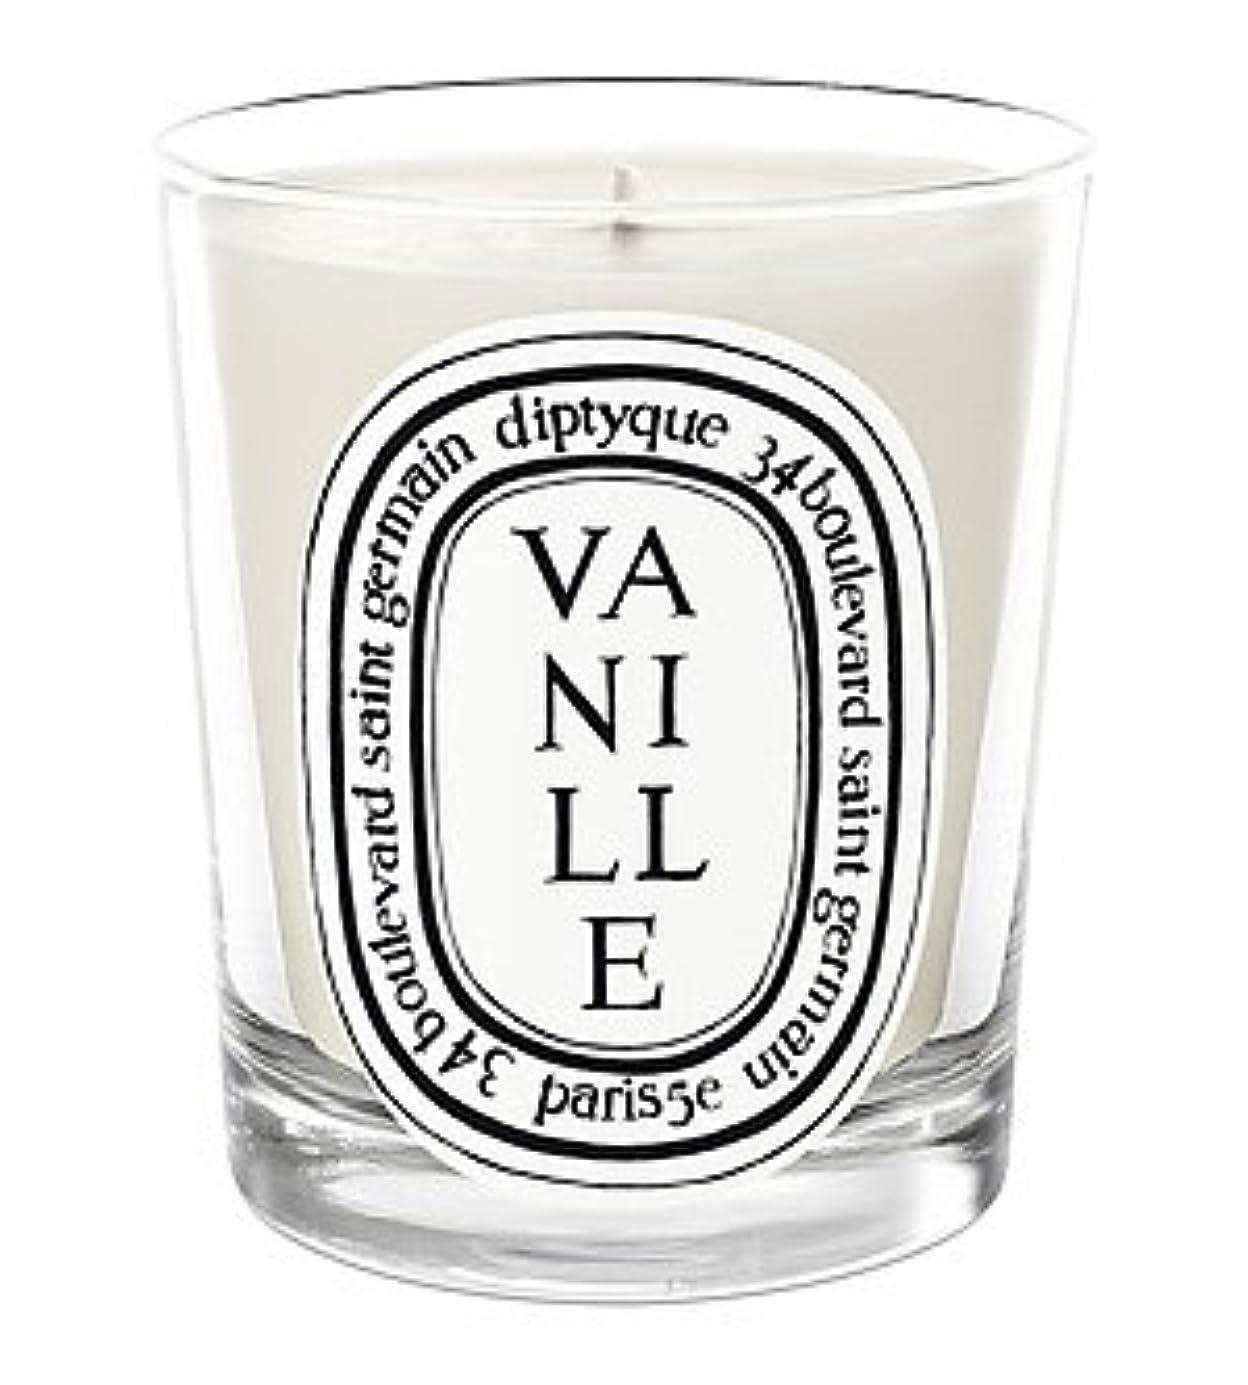 広く最適破裂ディプティック Scented Candle - Vanille (Vanilla) 70g/2.4oz並行輸入品